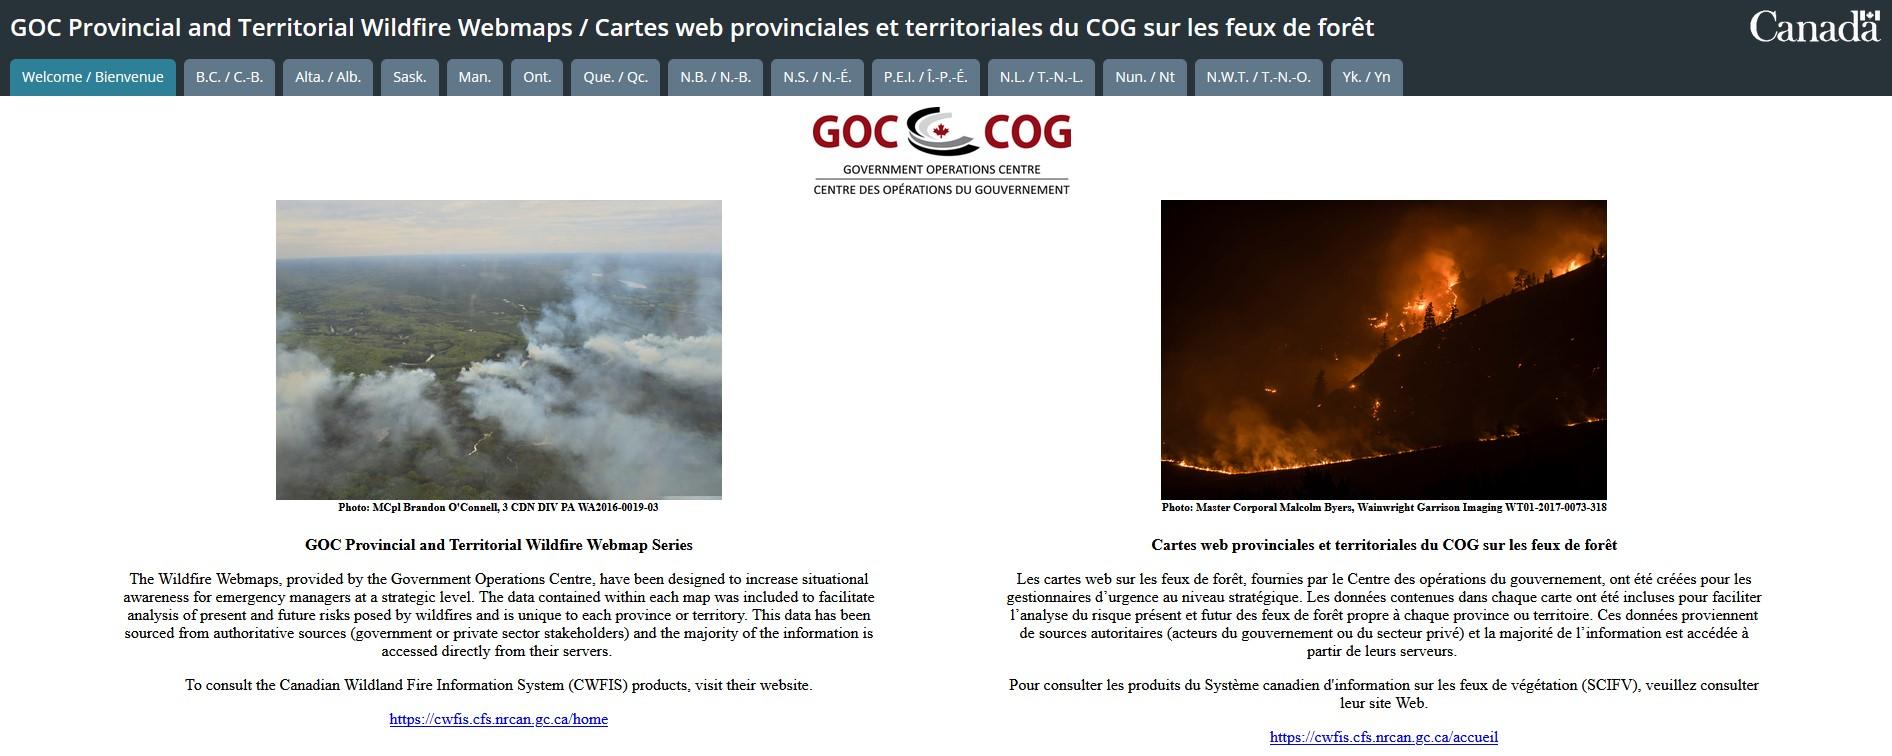 Capture d'écran des cartes web provinciales et territoriales du COG sur les feux de forêt